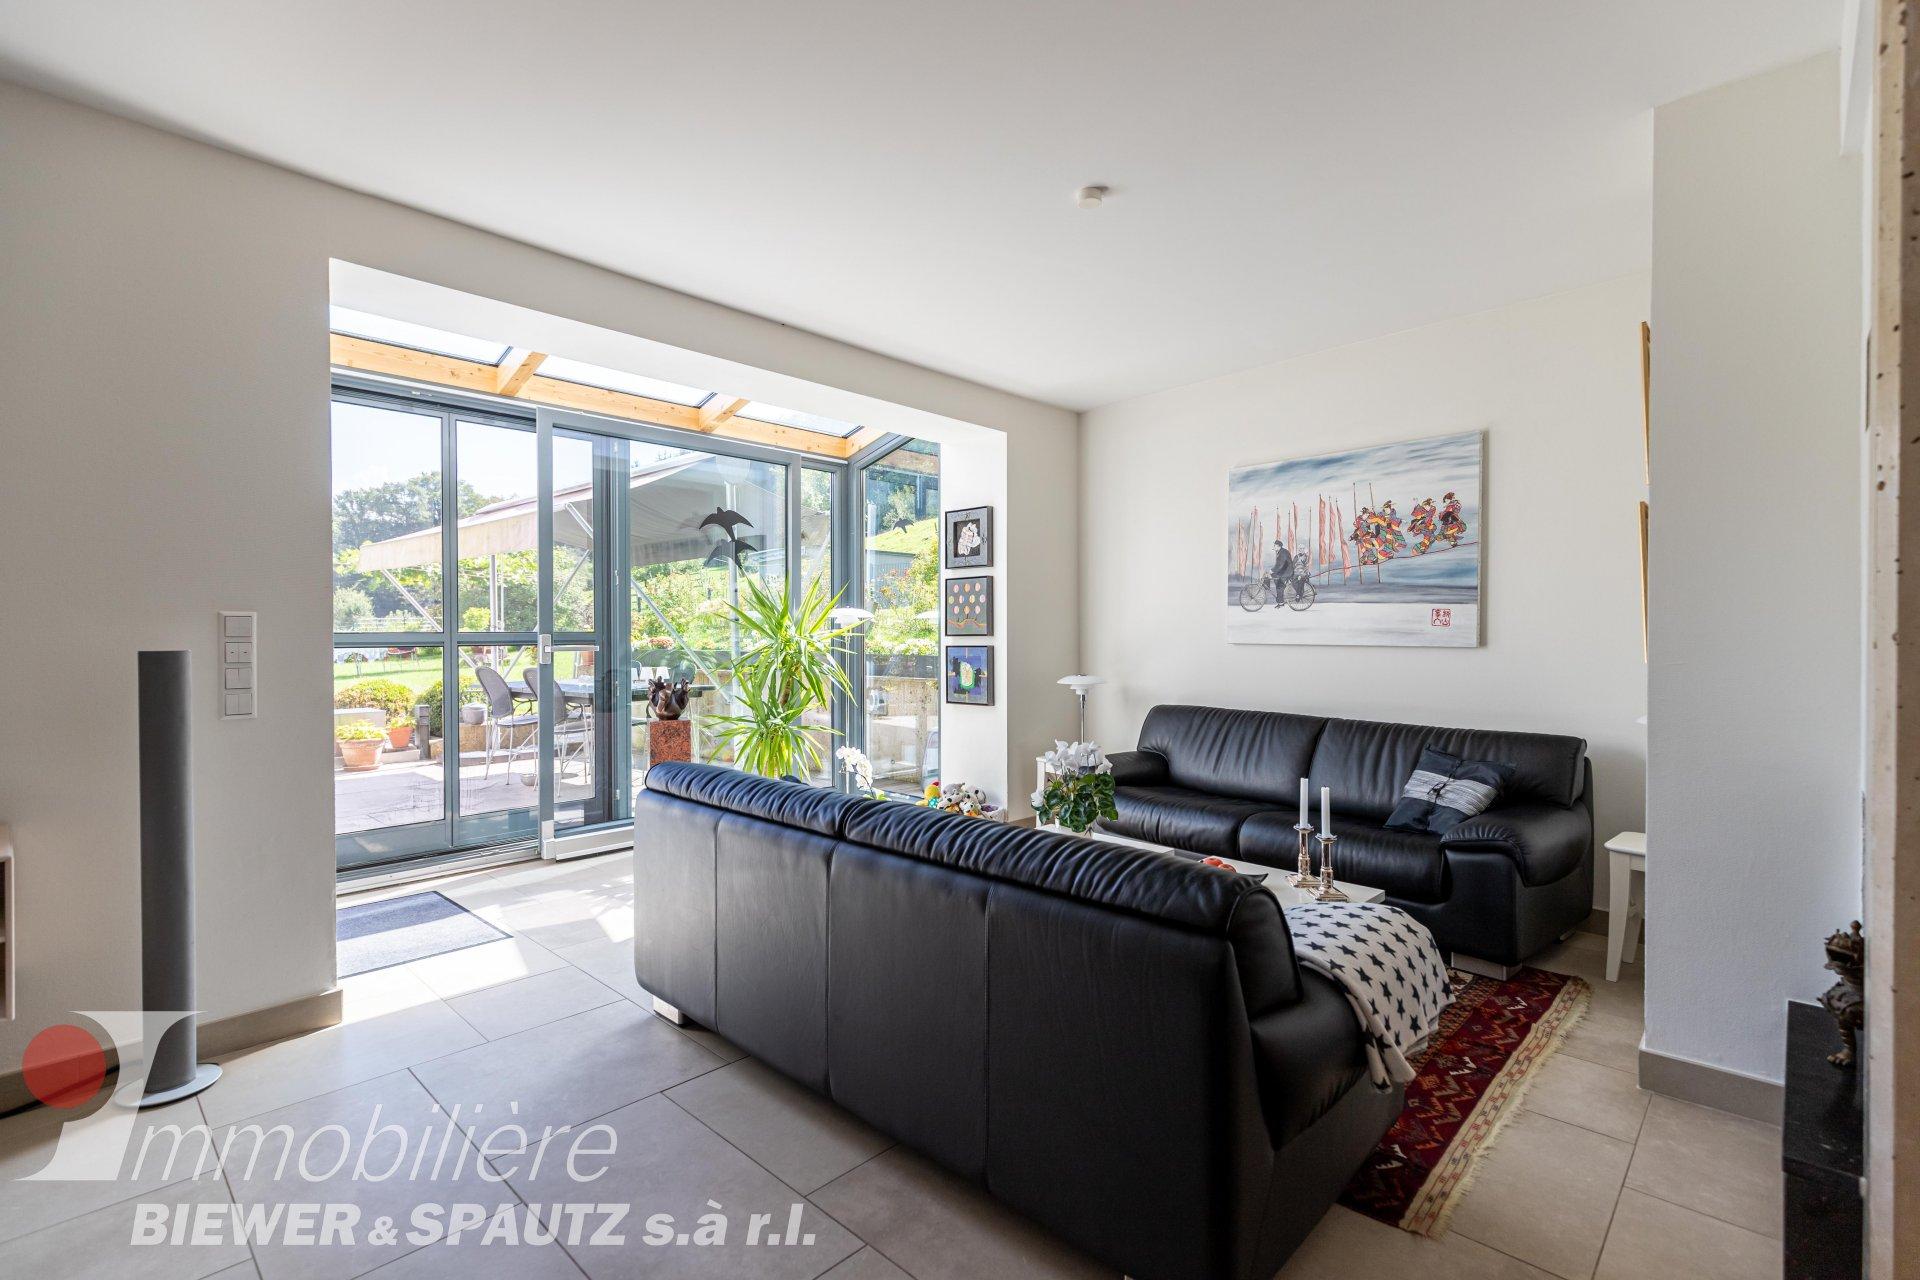 ZU VERMIETEN - Haus mit 4 Schlafzimmern in Mertert